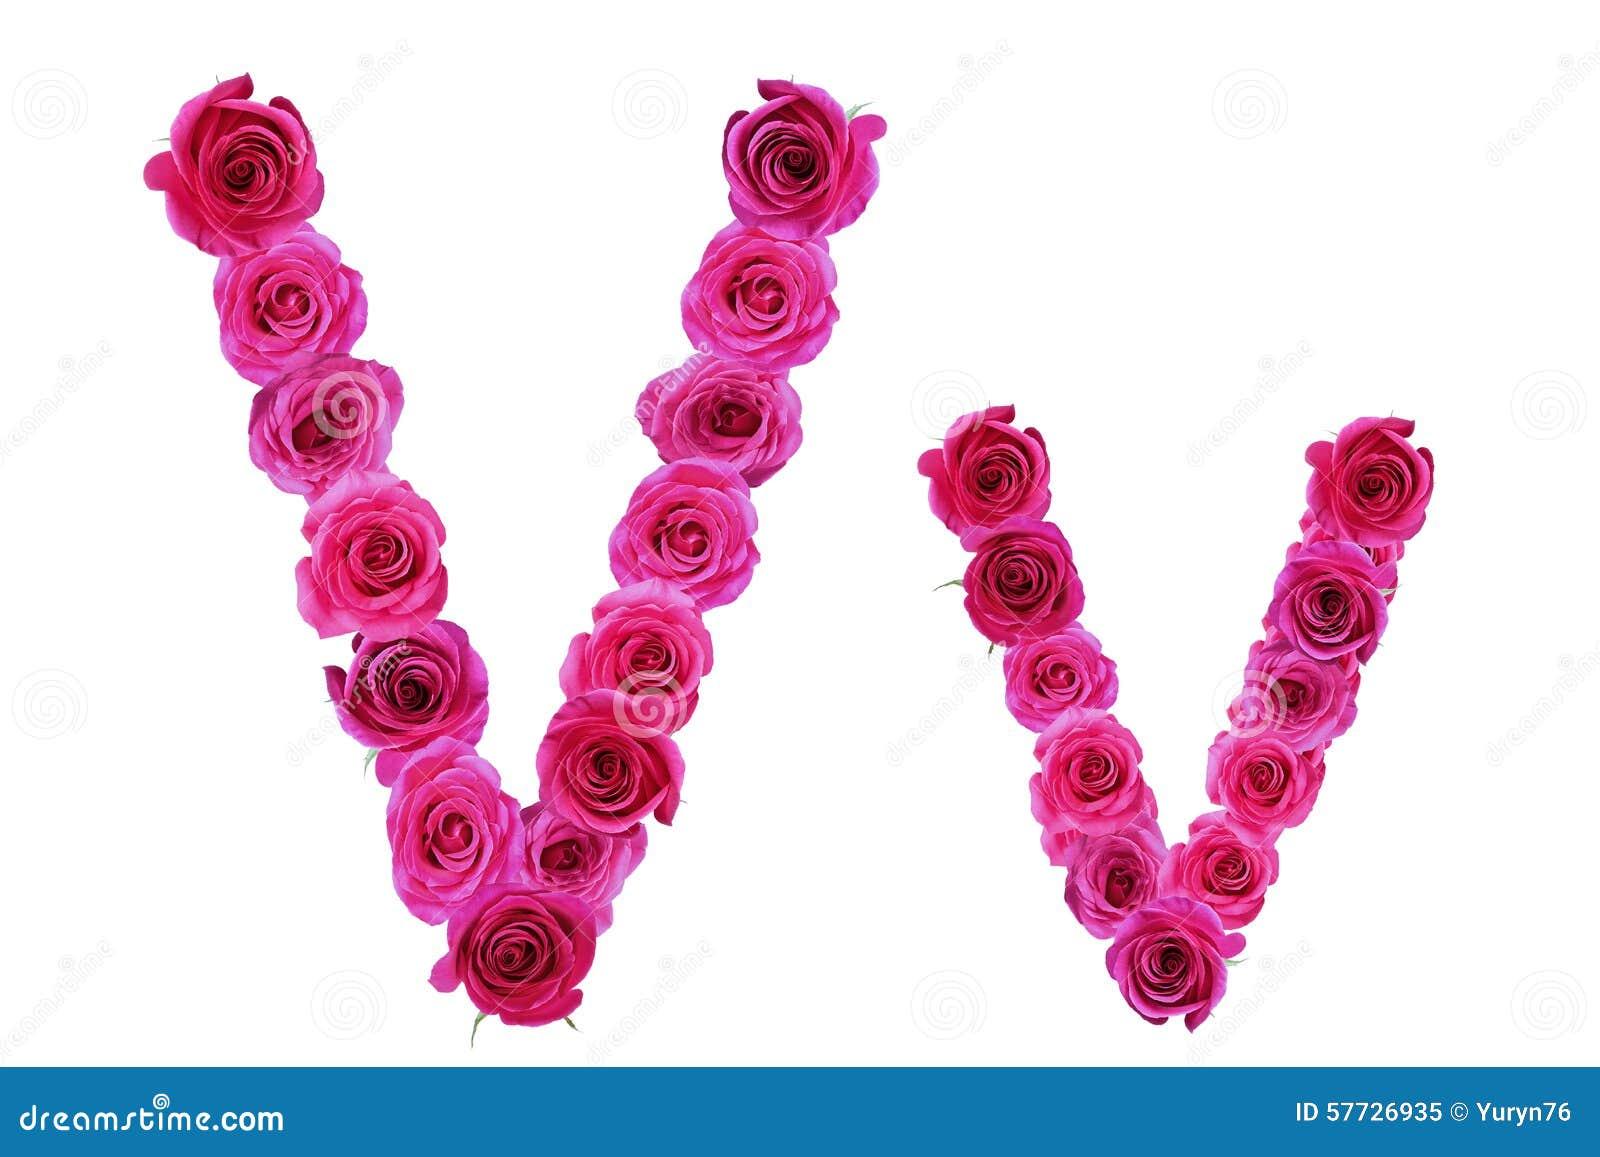 Letter V Roses Stock Image